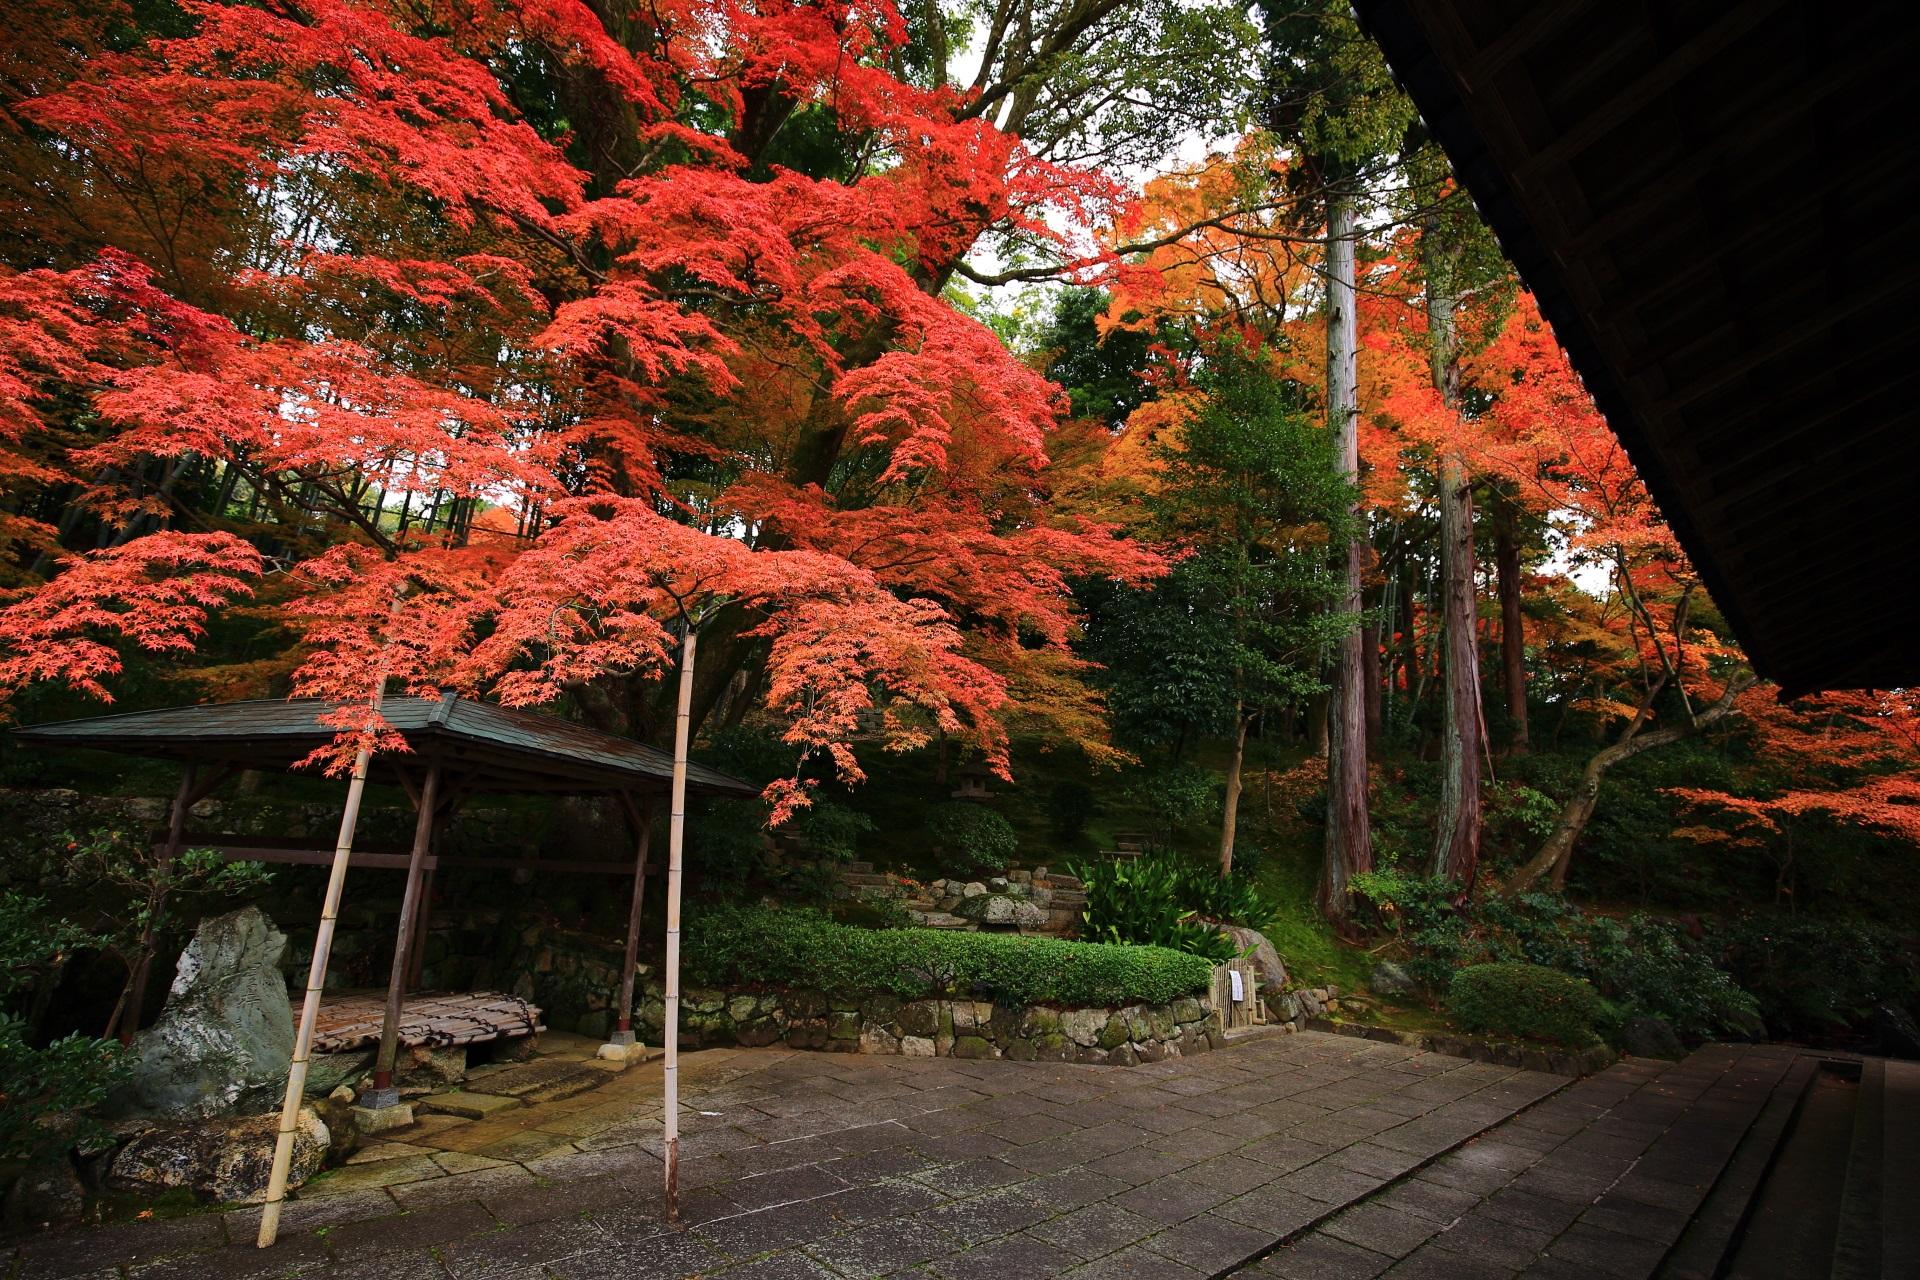 暖かく深い秋の彩りにつつまれる庭園全体